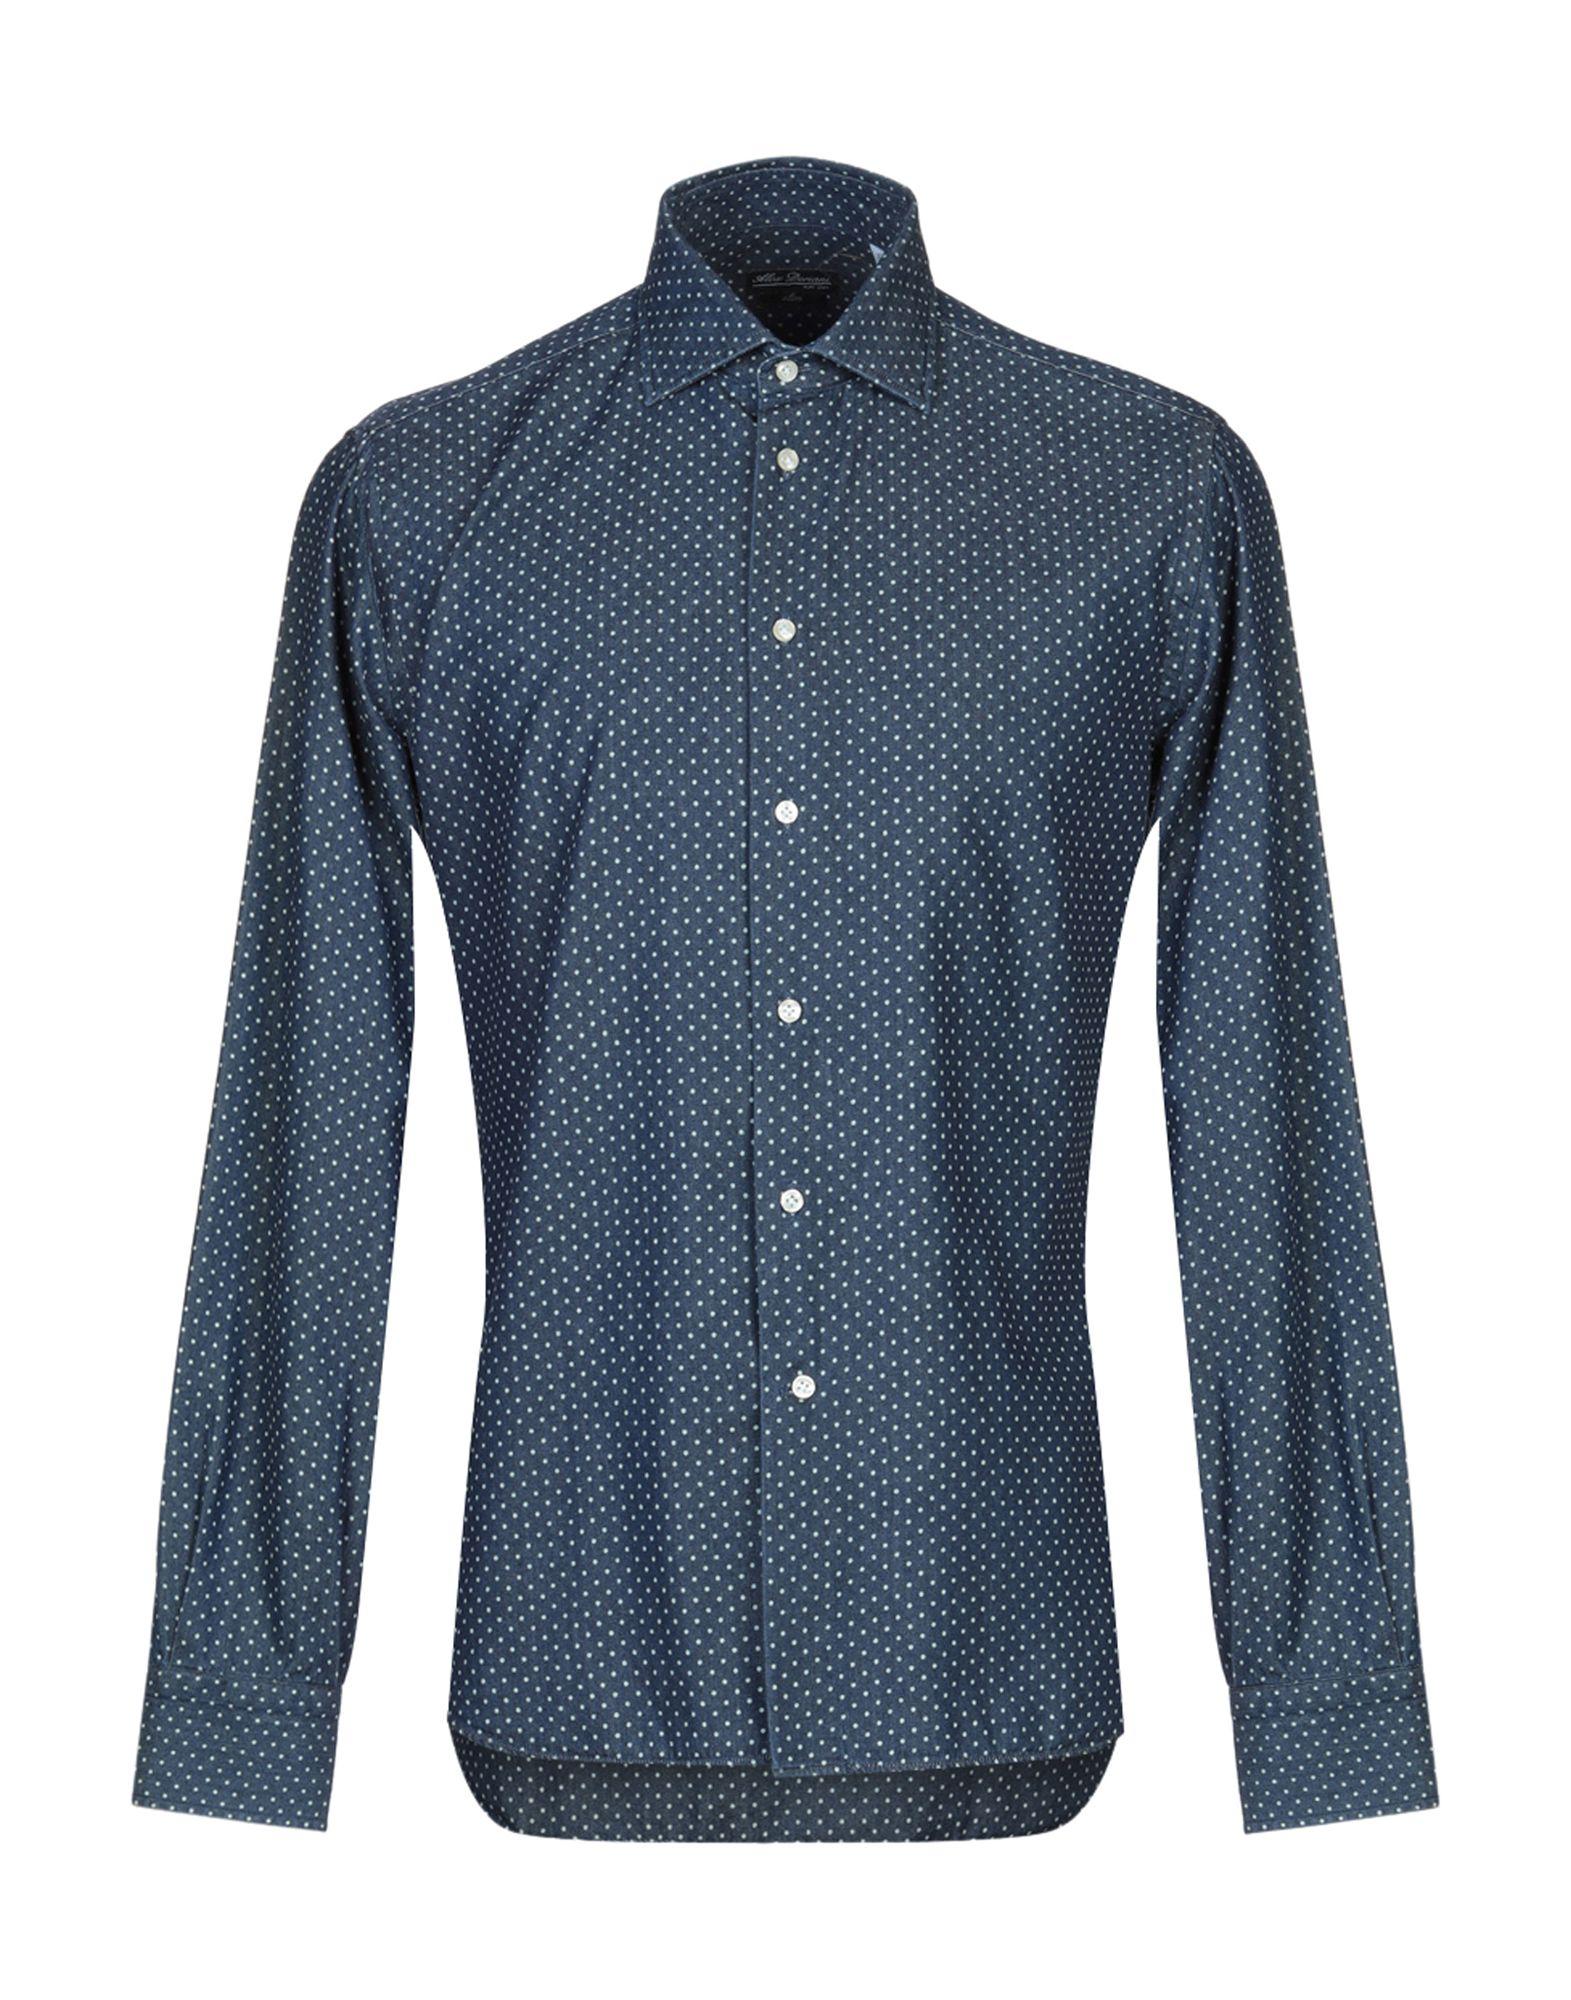 ALEX DORIANI Джинсовая рубашка чайный набор alex в горошек металлическая 705pd